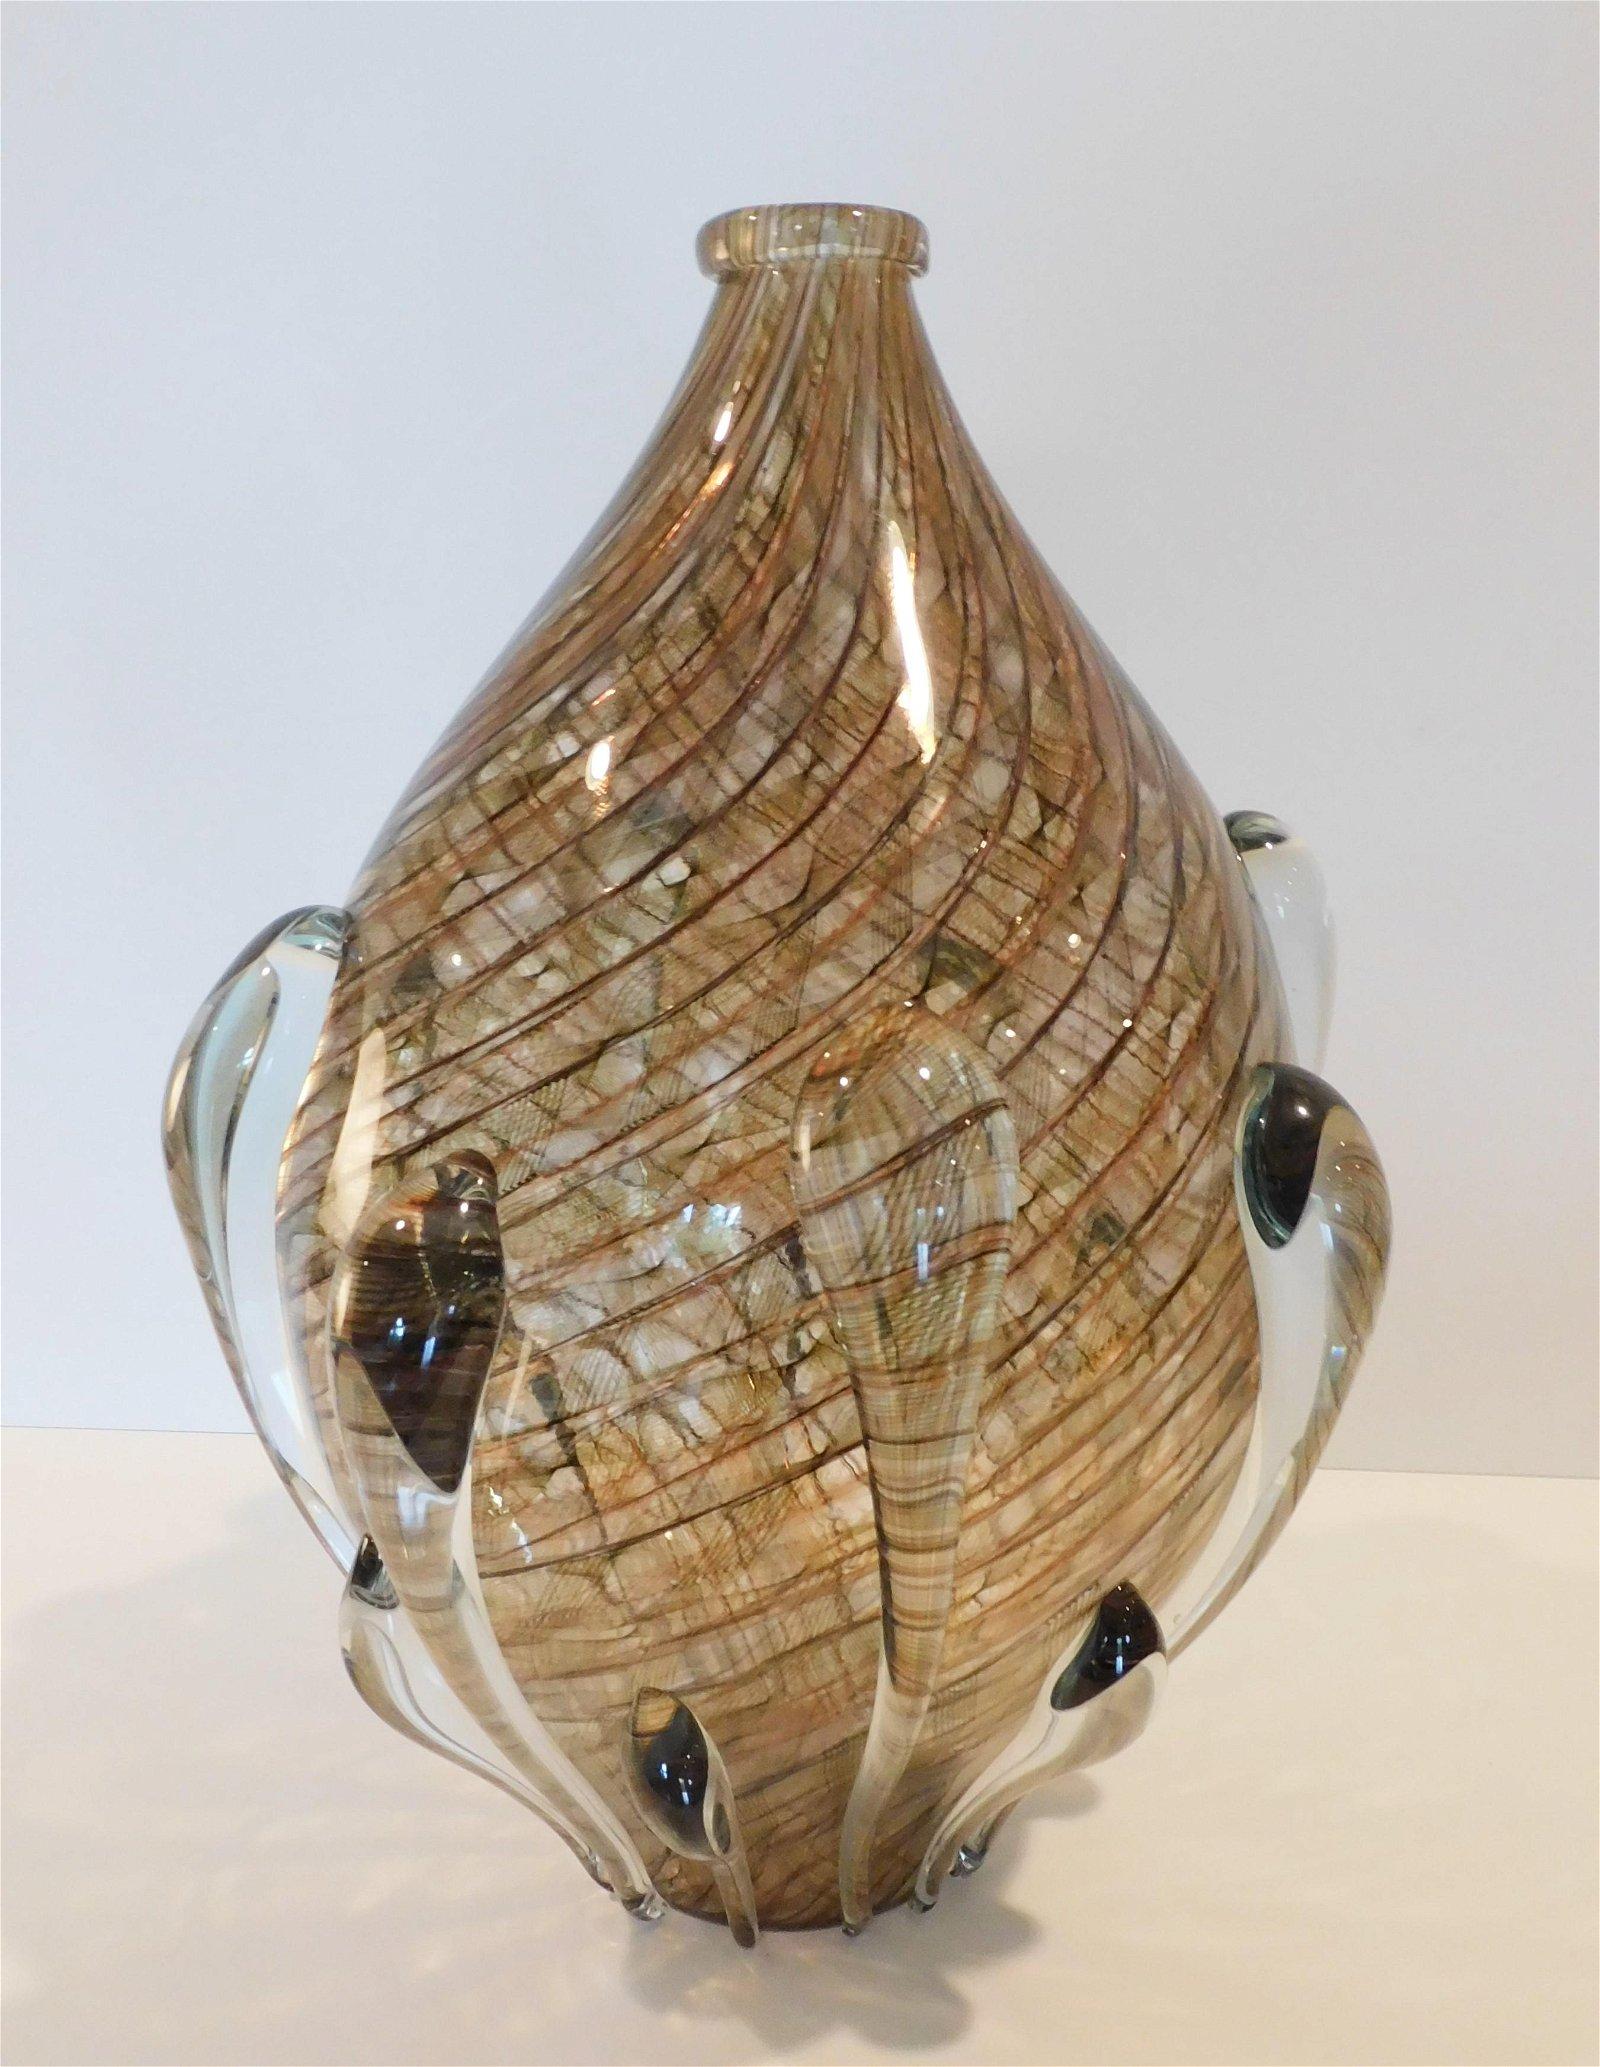 Lino Tagliapietra Murano Art Glass Vase in Complicated